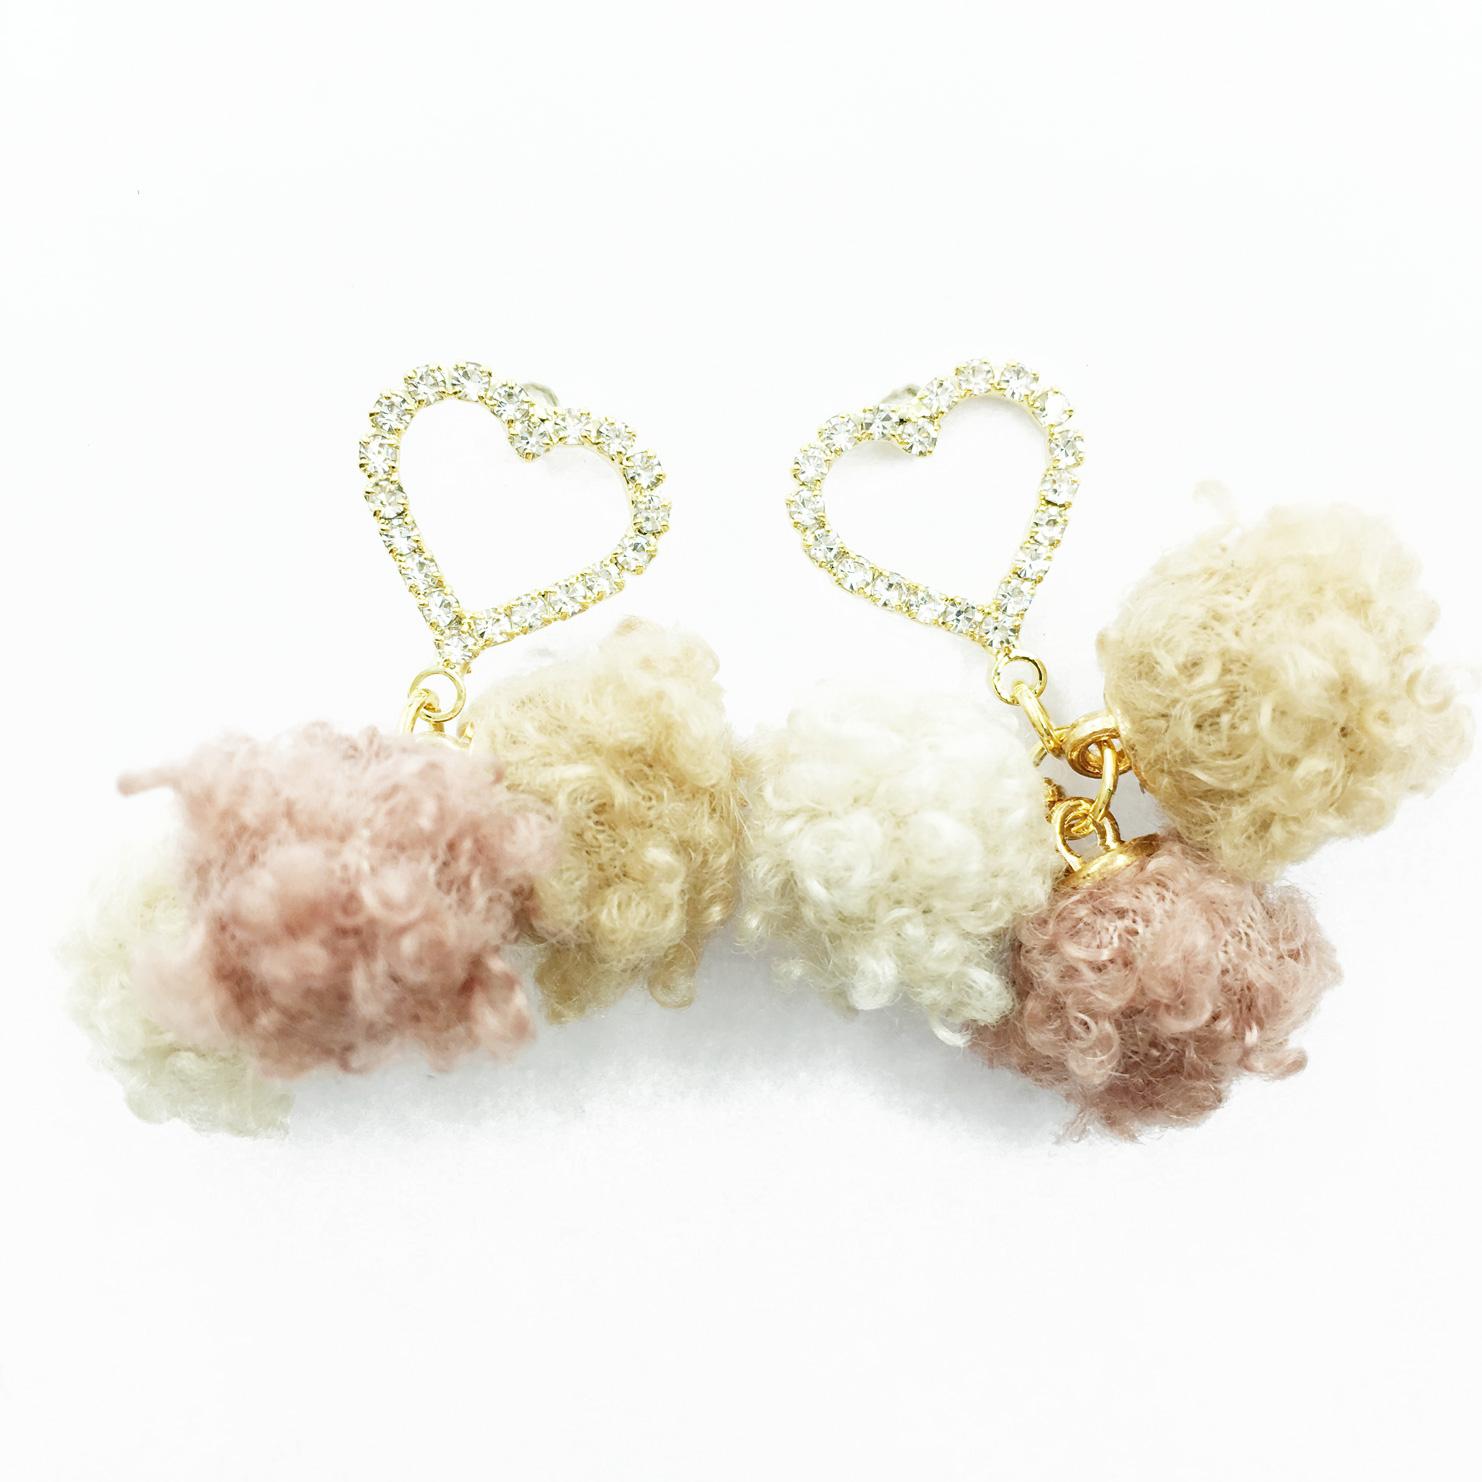 韓國 925純銀 簍空愛心水鑽 毛線球 甜美風 垂墜感 耳針式耳環